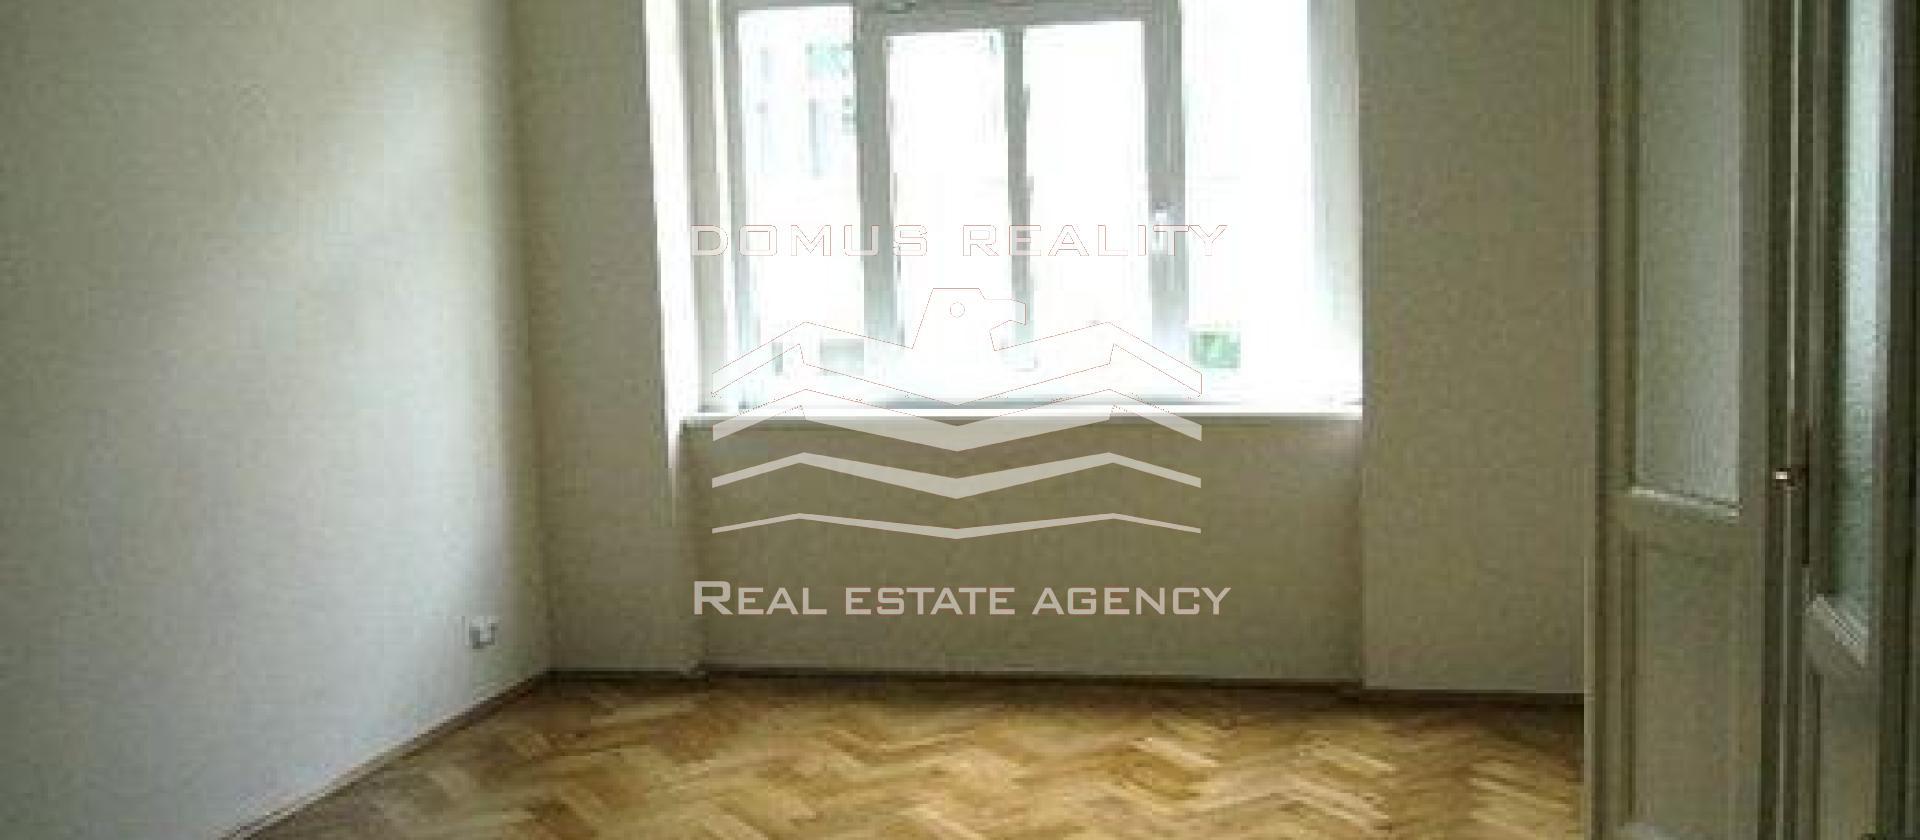 Velmi pěkný, prostorný byt 2+1 - 66 m2 ve 2.patře činžovního domu bez výtahu